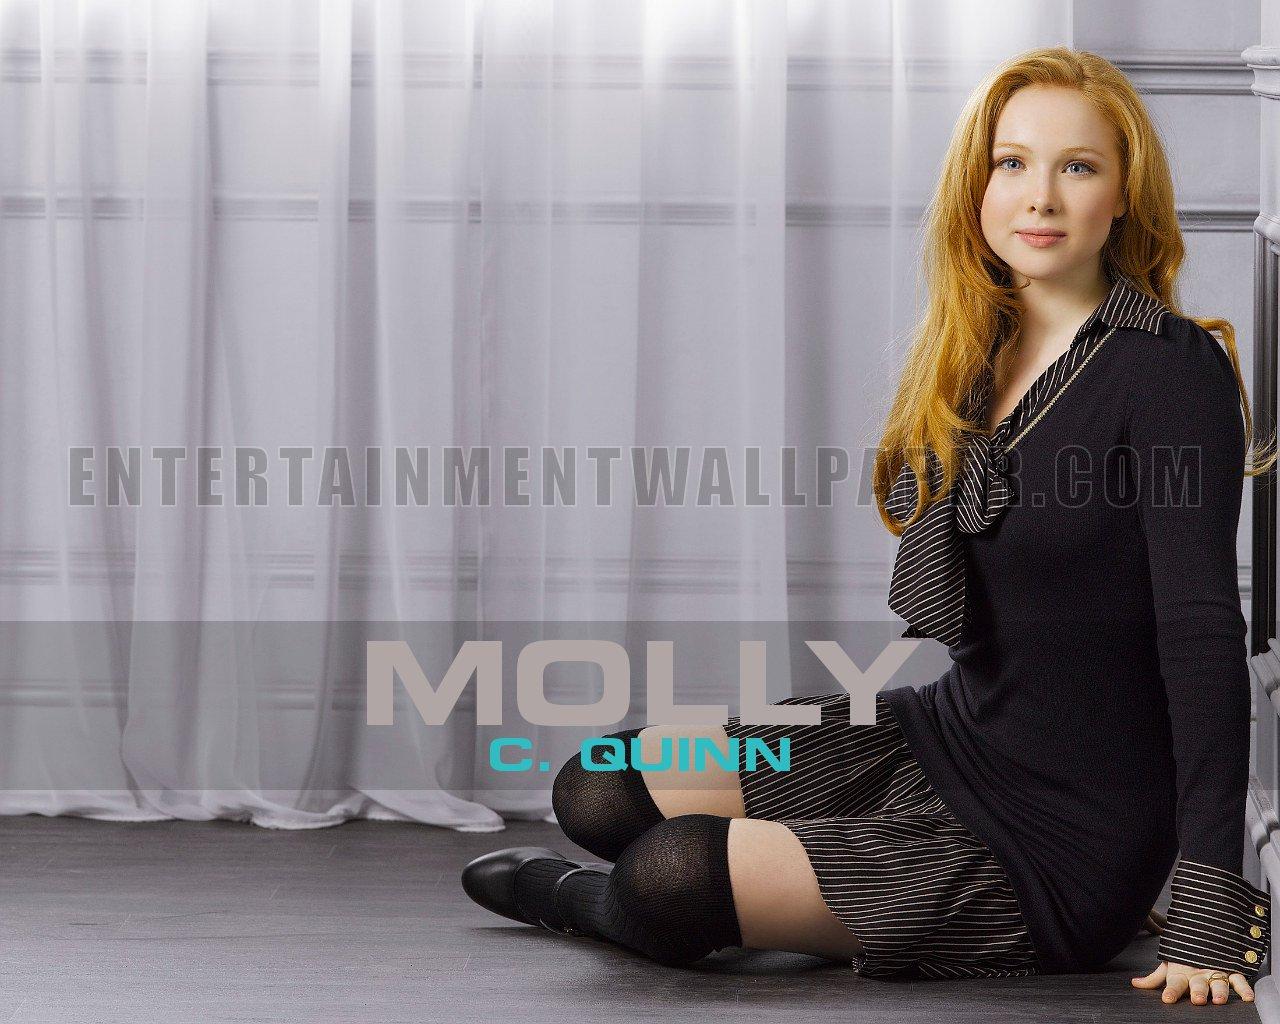 Molly Quinn Wallpaper